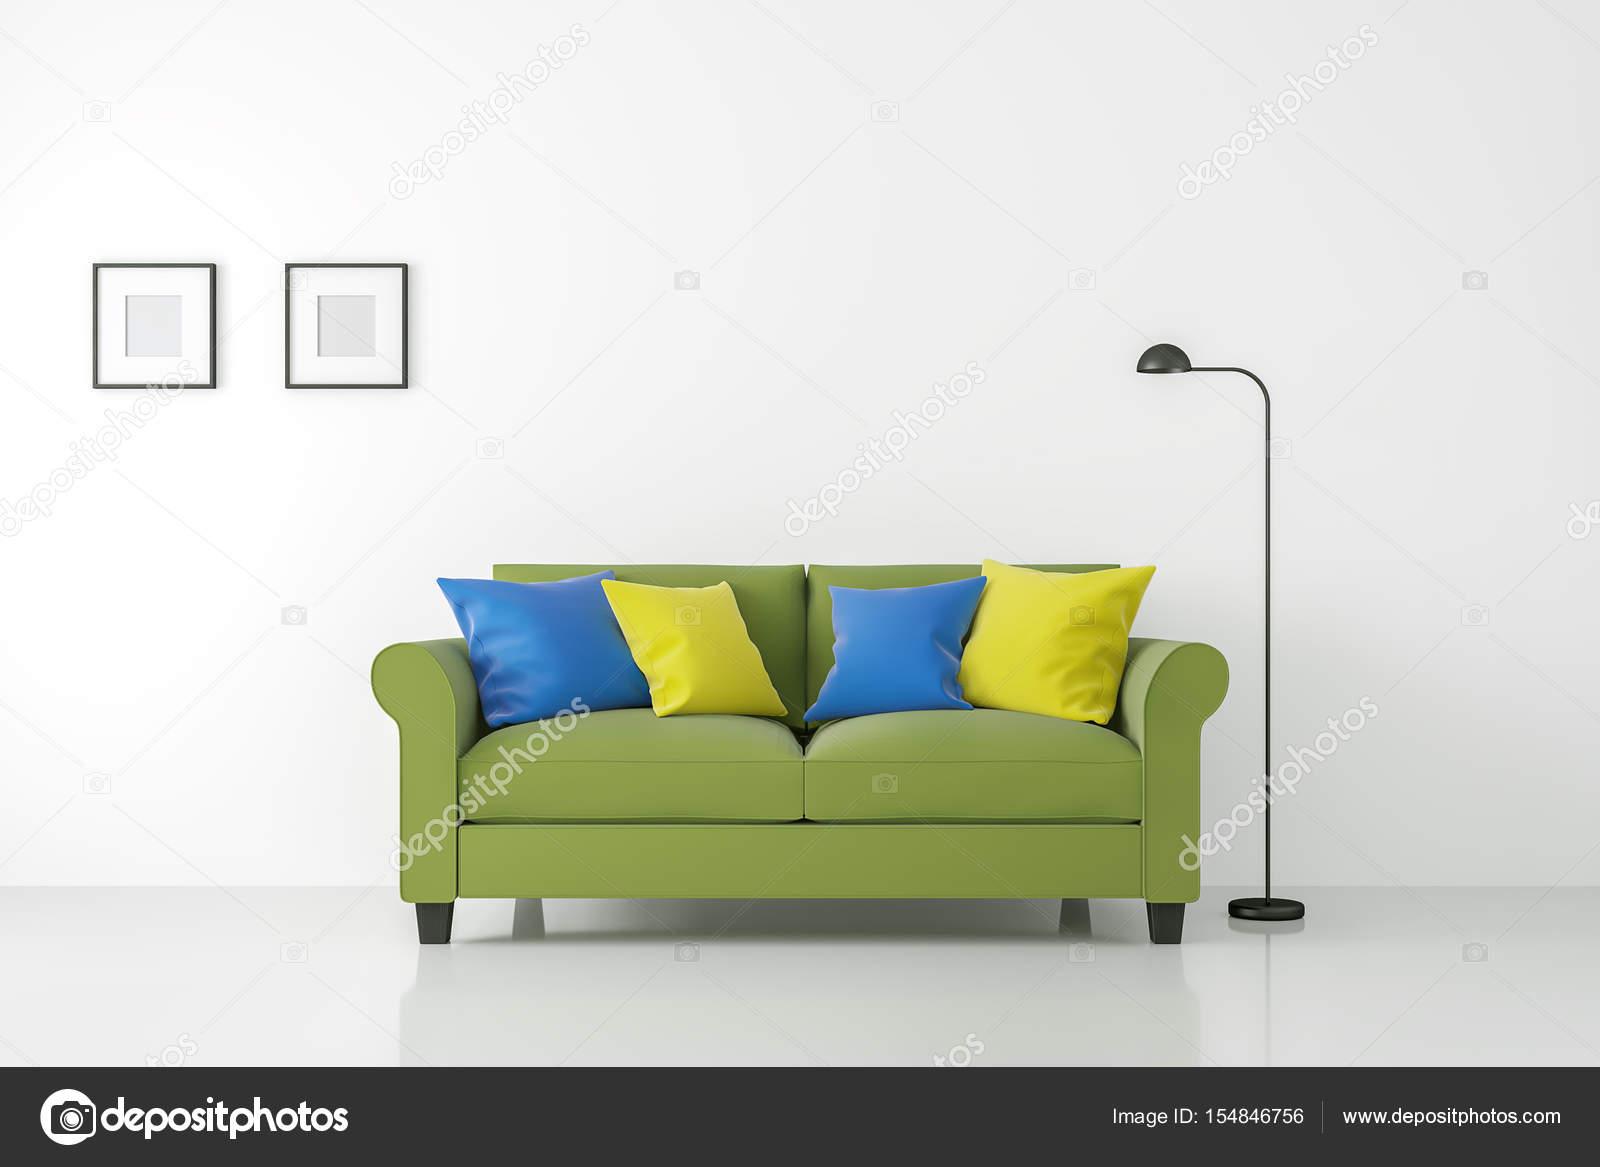 Kleurrijke Witte Woonkamer : Moderne witte woonkamer interieur met kleurrijke sofa 3d rendering